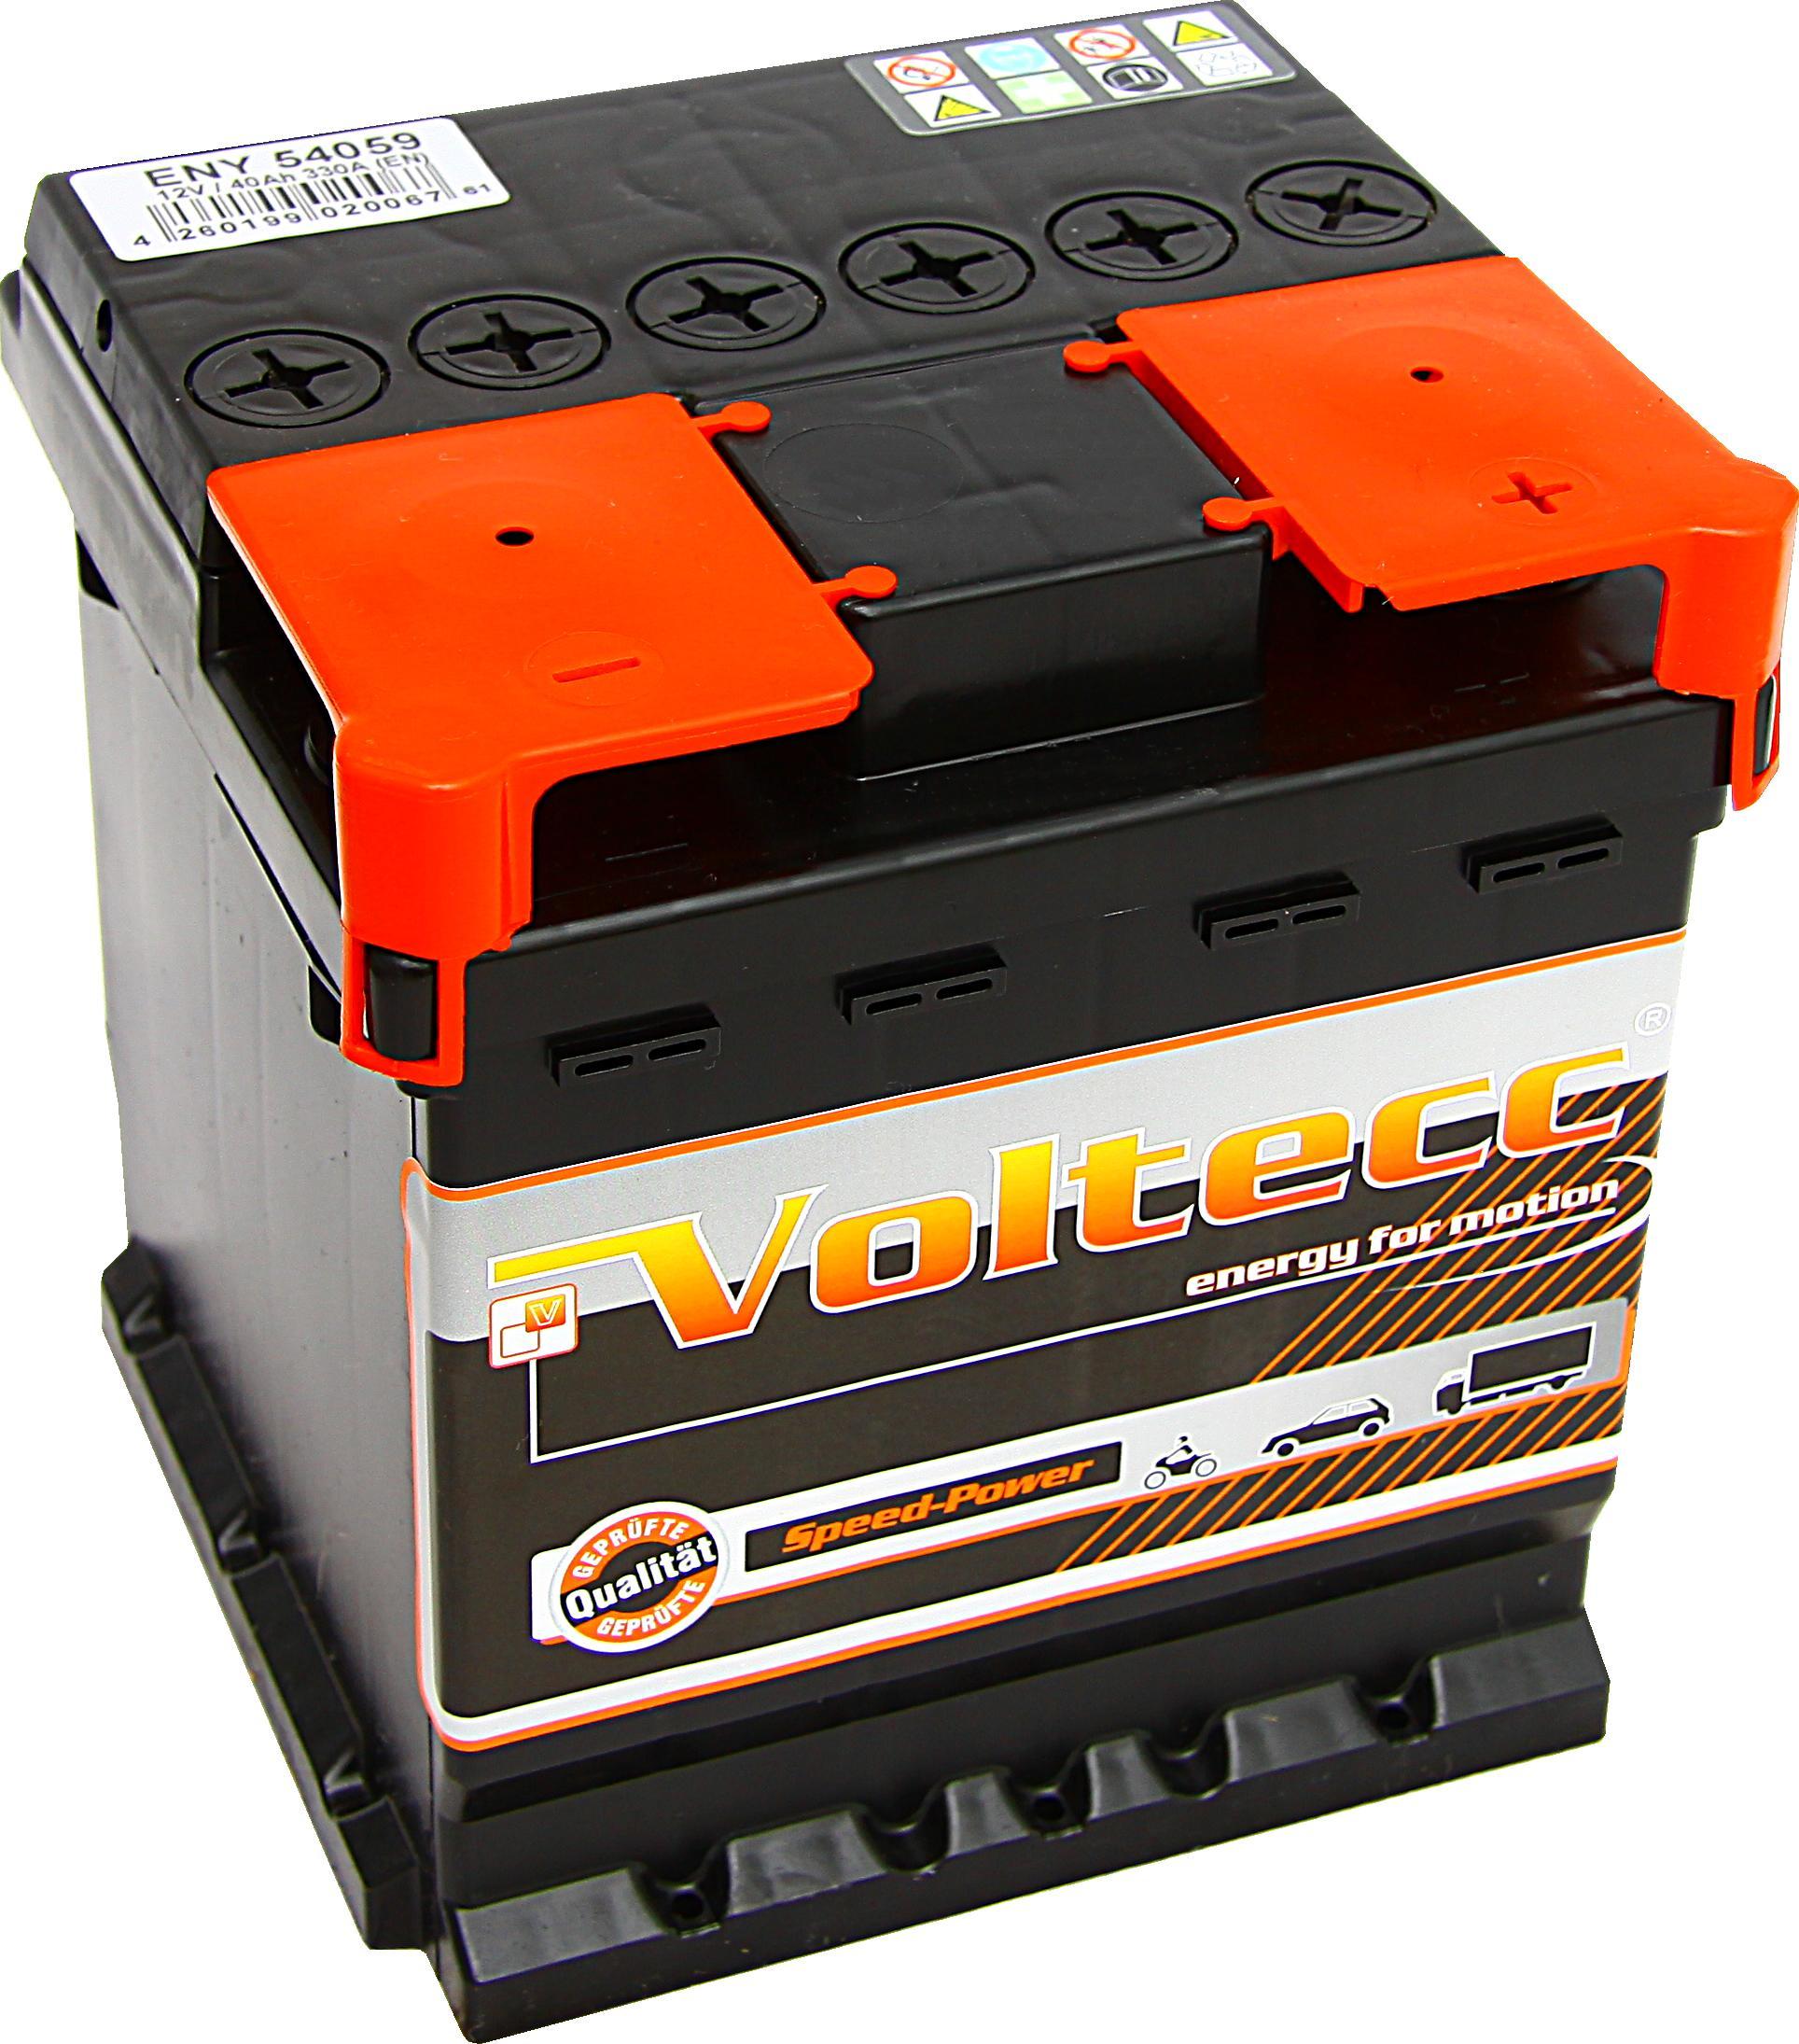 Voltecc Energy 54059 12V 40Ah (LxBxH 175x175x190)